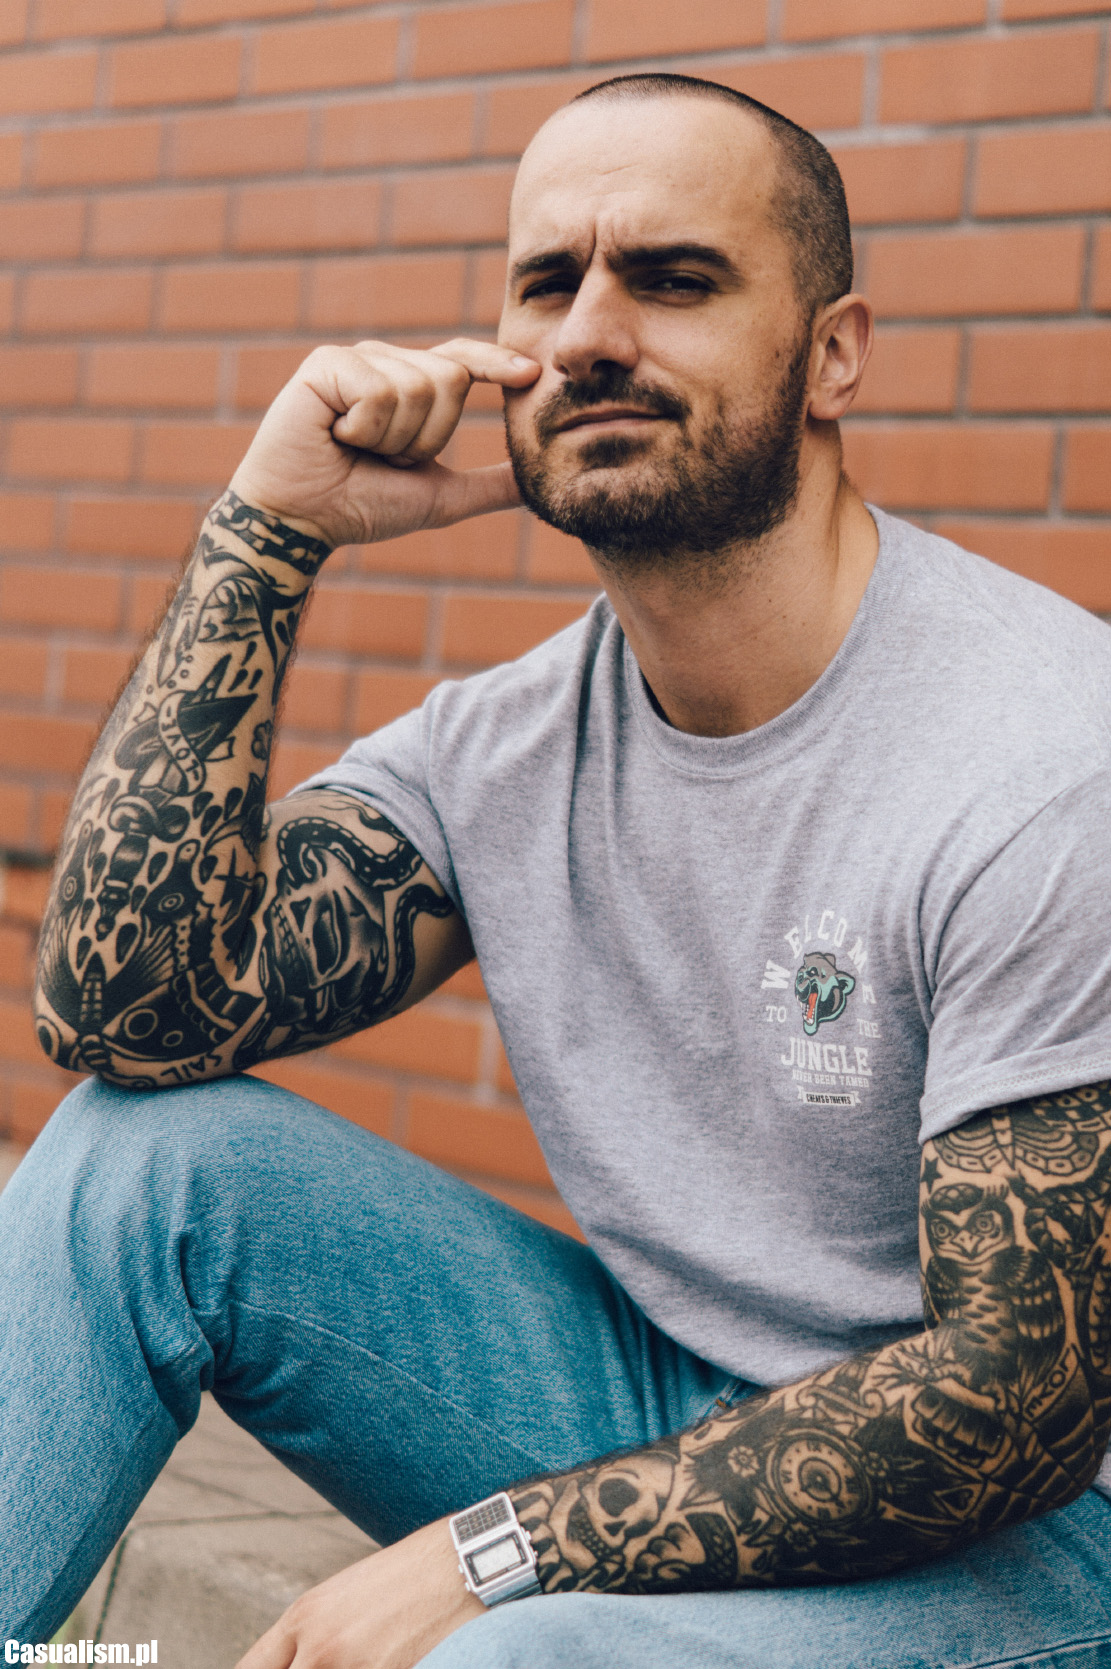 łysa Głowa Bardzo Krótkie Włosy Casualism Blog Moda Męska